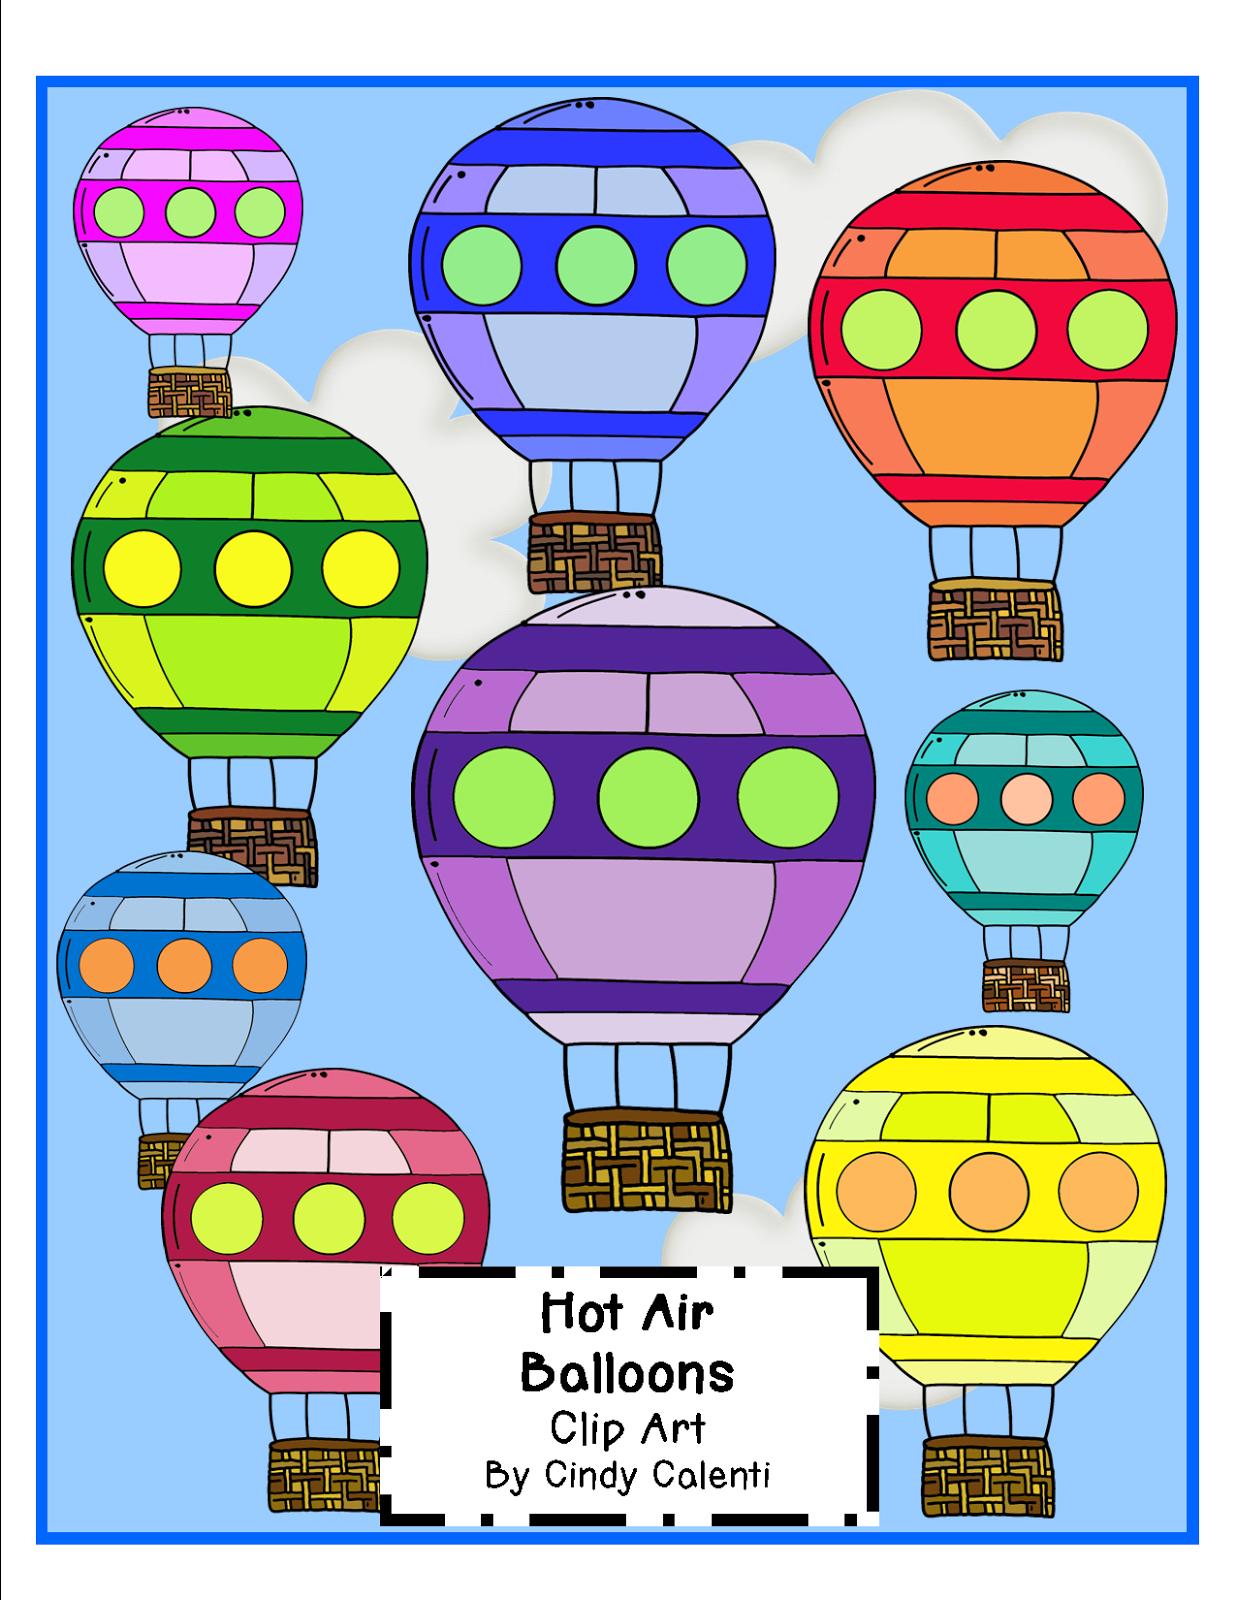 http://www.teacherspayteachers.com/Product/Hot-Air-Balloons-Clip-Art-1399889